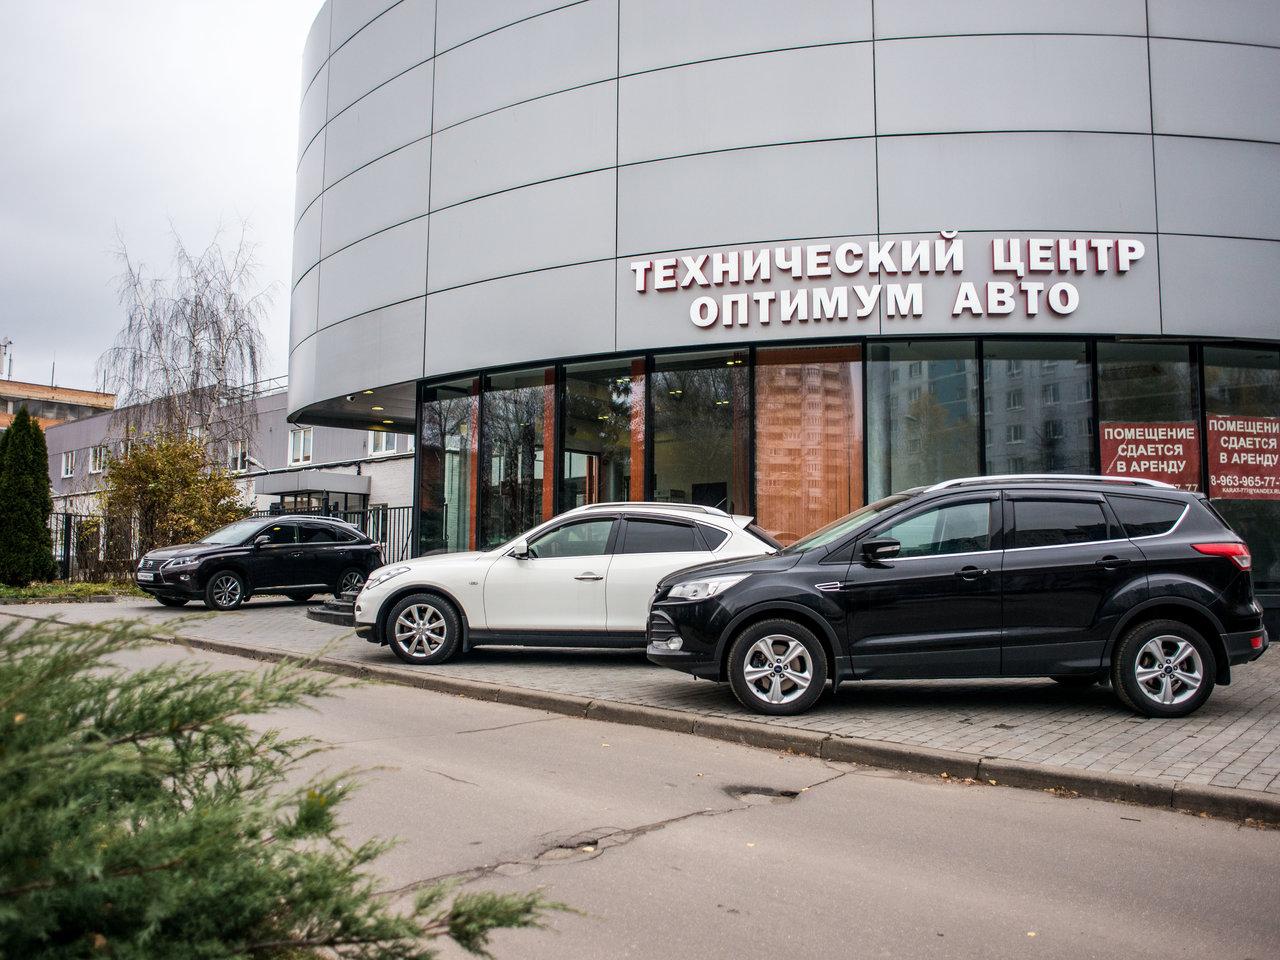 Бу автосалоны г москва автоломбарды северодвинск